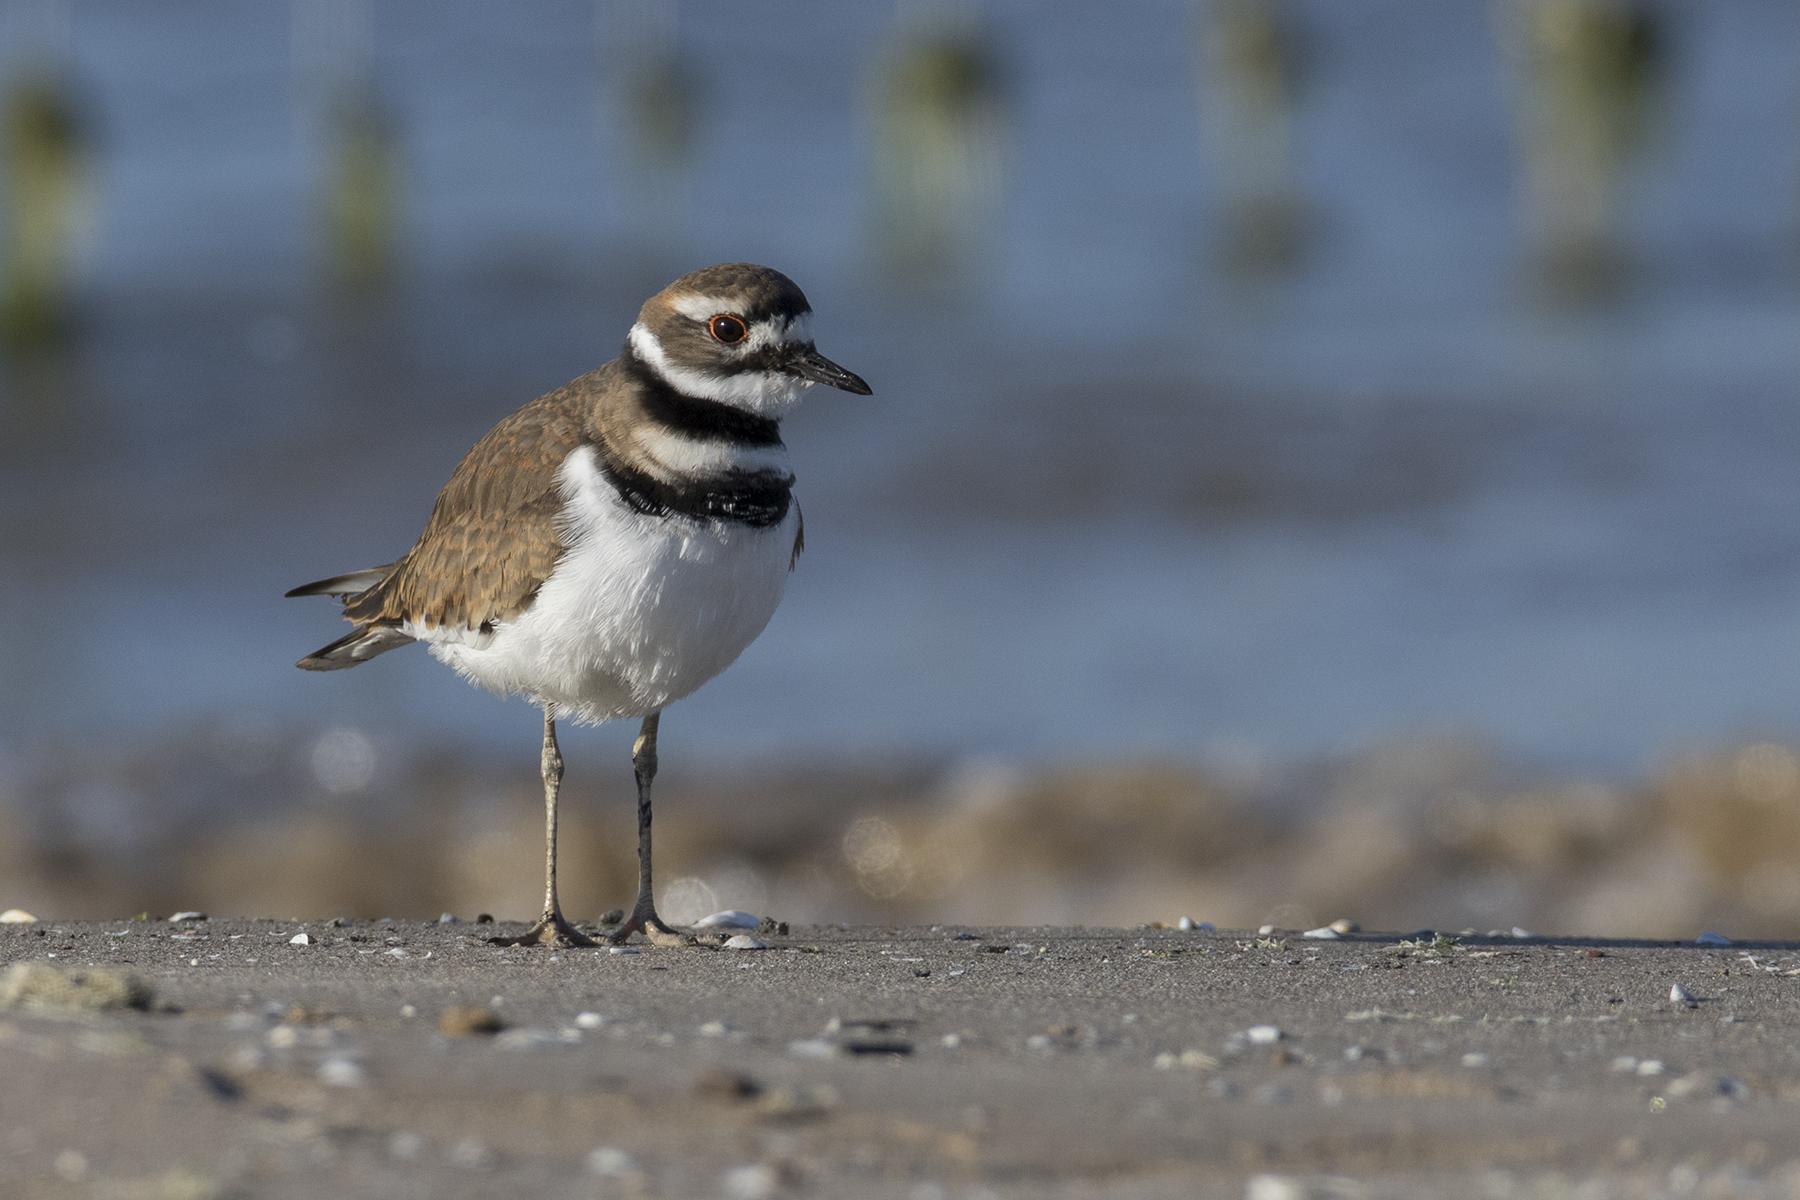 What's That Sound? Distinctive Birdcalls Heard in Chicago